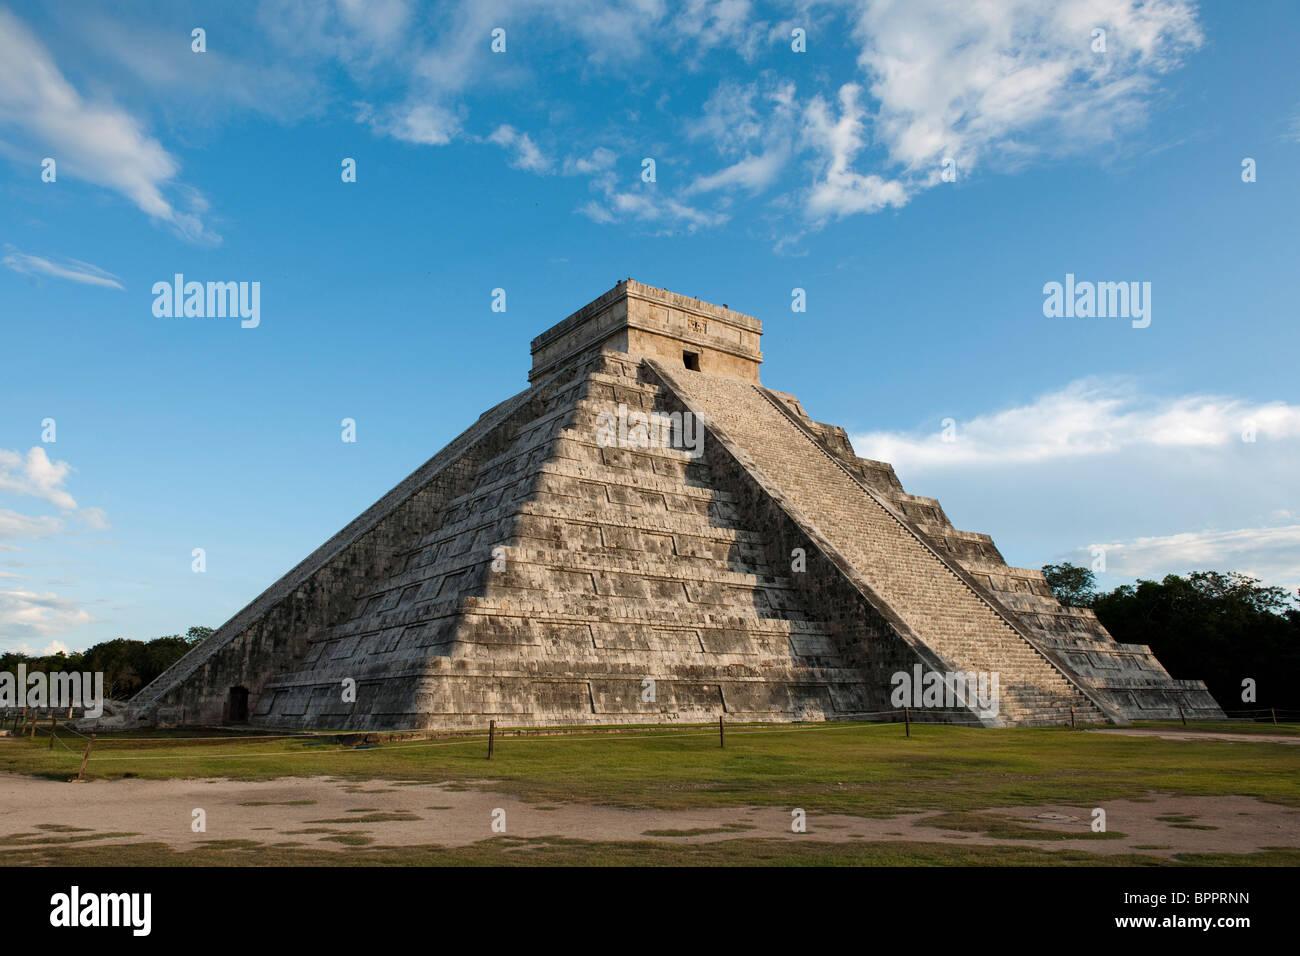 El Castillo, Chichen Itza ruins, The Yucatan, Mexico - Stock Image